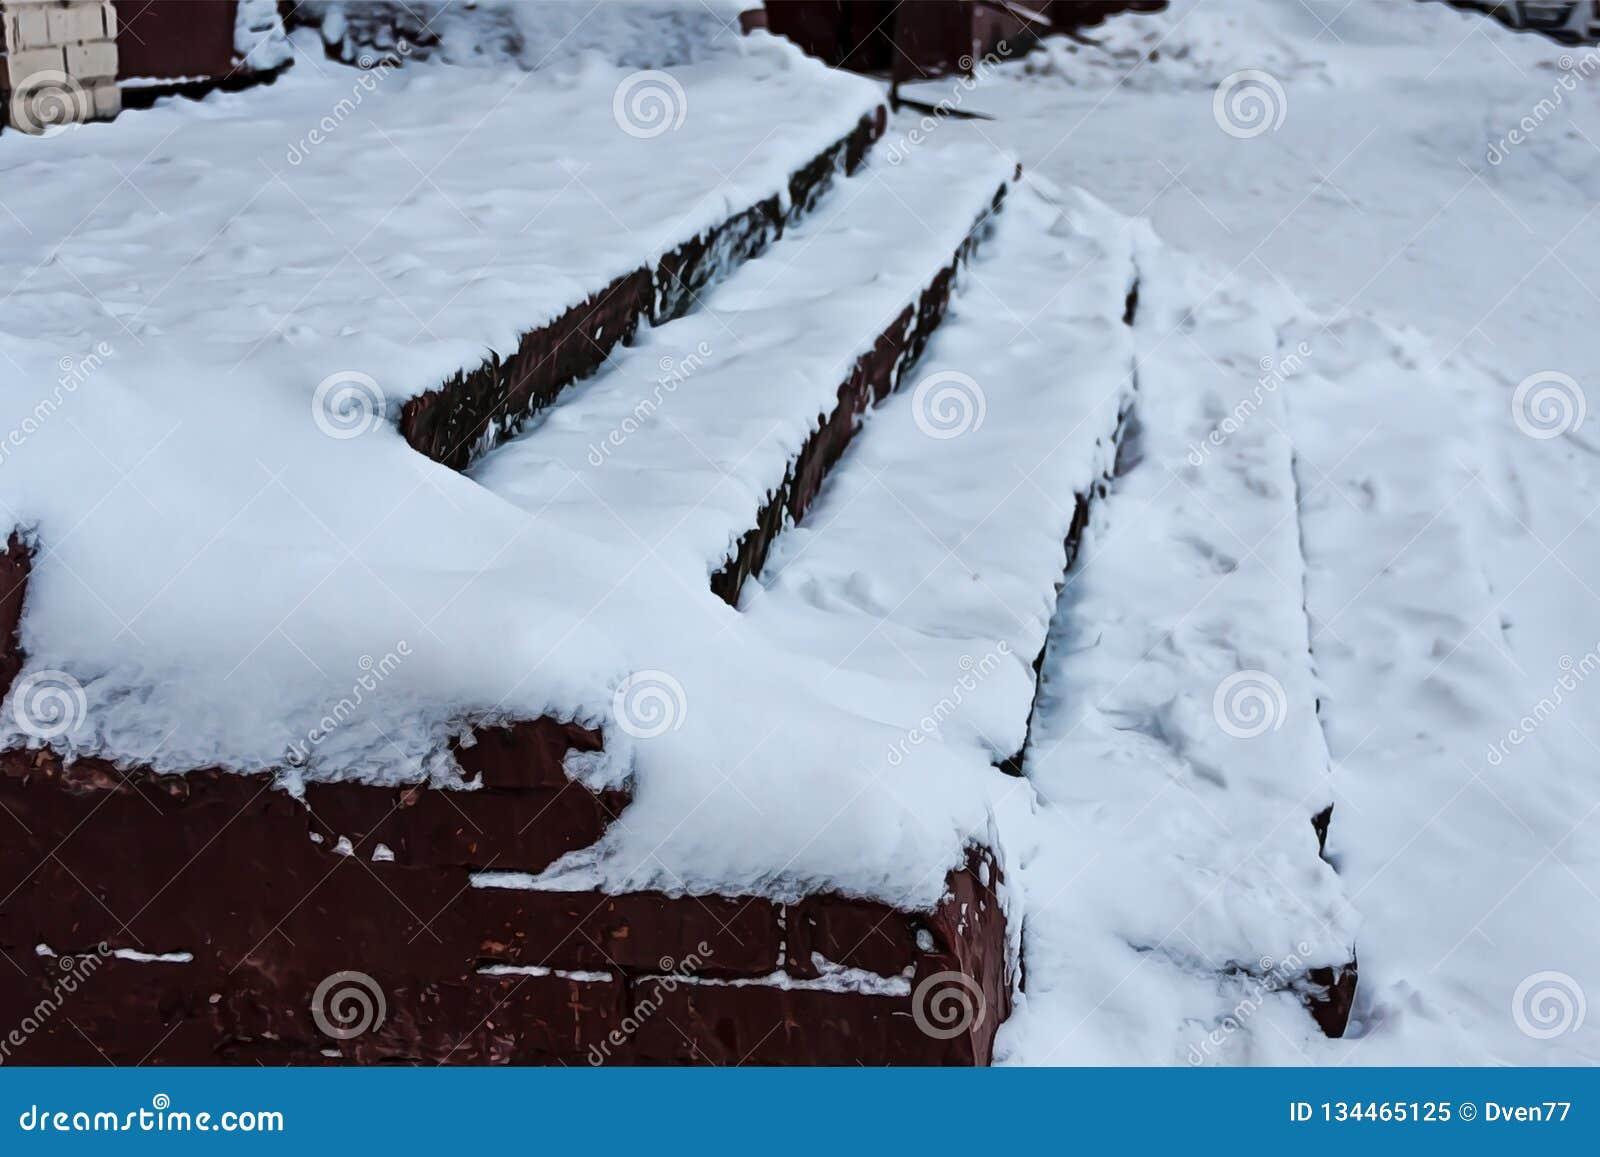 Les escaliers sont couverts de neige soigné Le problème du déblaiement de neige dans la ville Non nettoyé